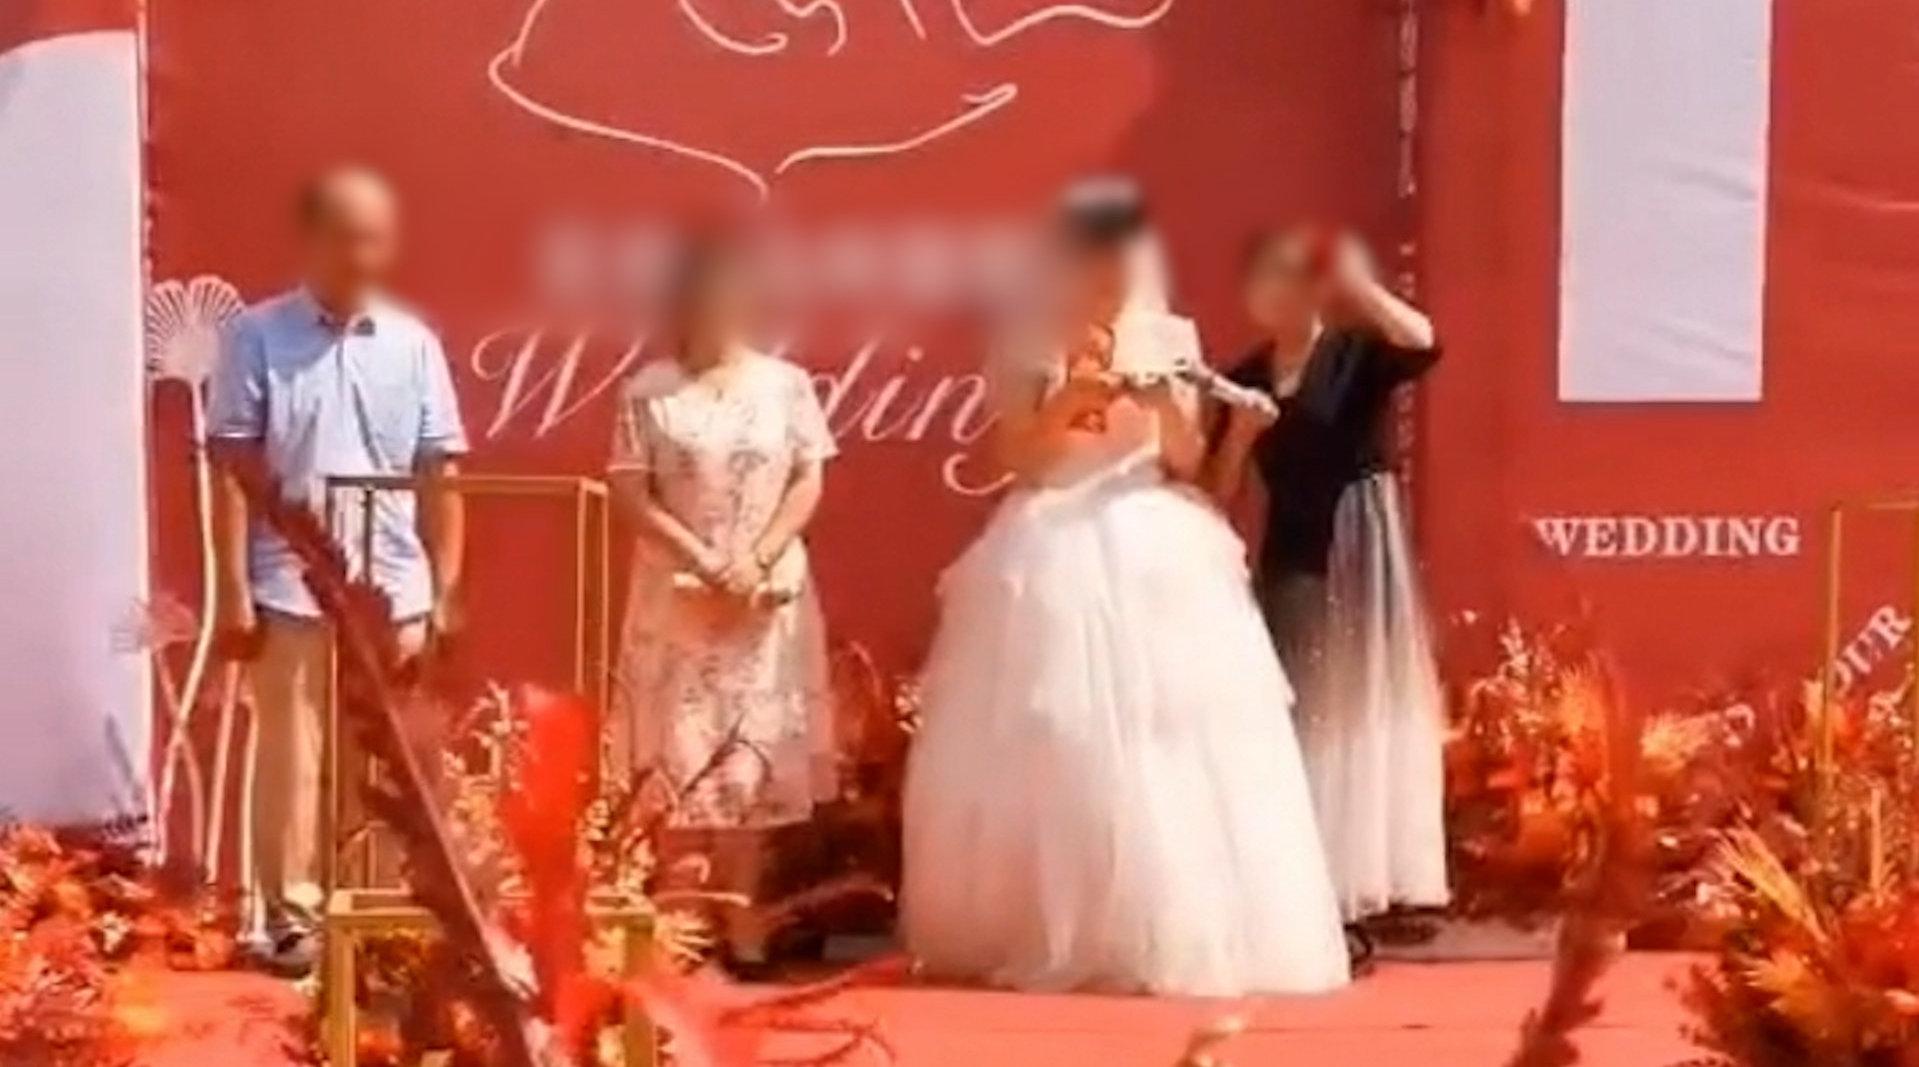 因疫情被隔离新娘一个人举行婚礼 新郎隔空向妻子致歉